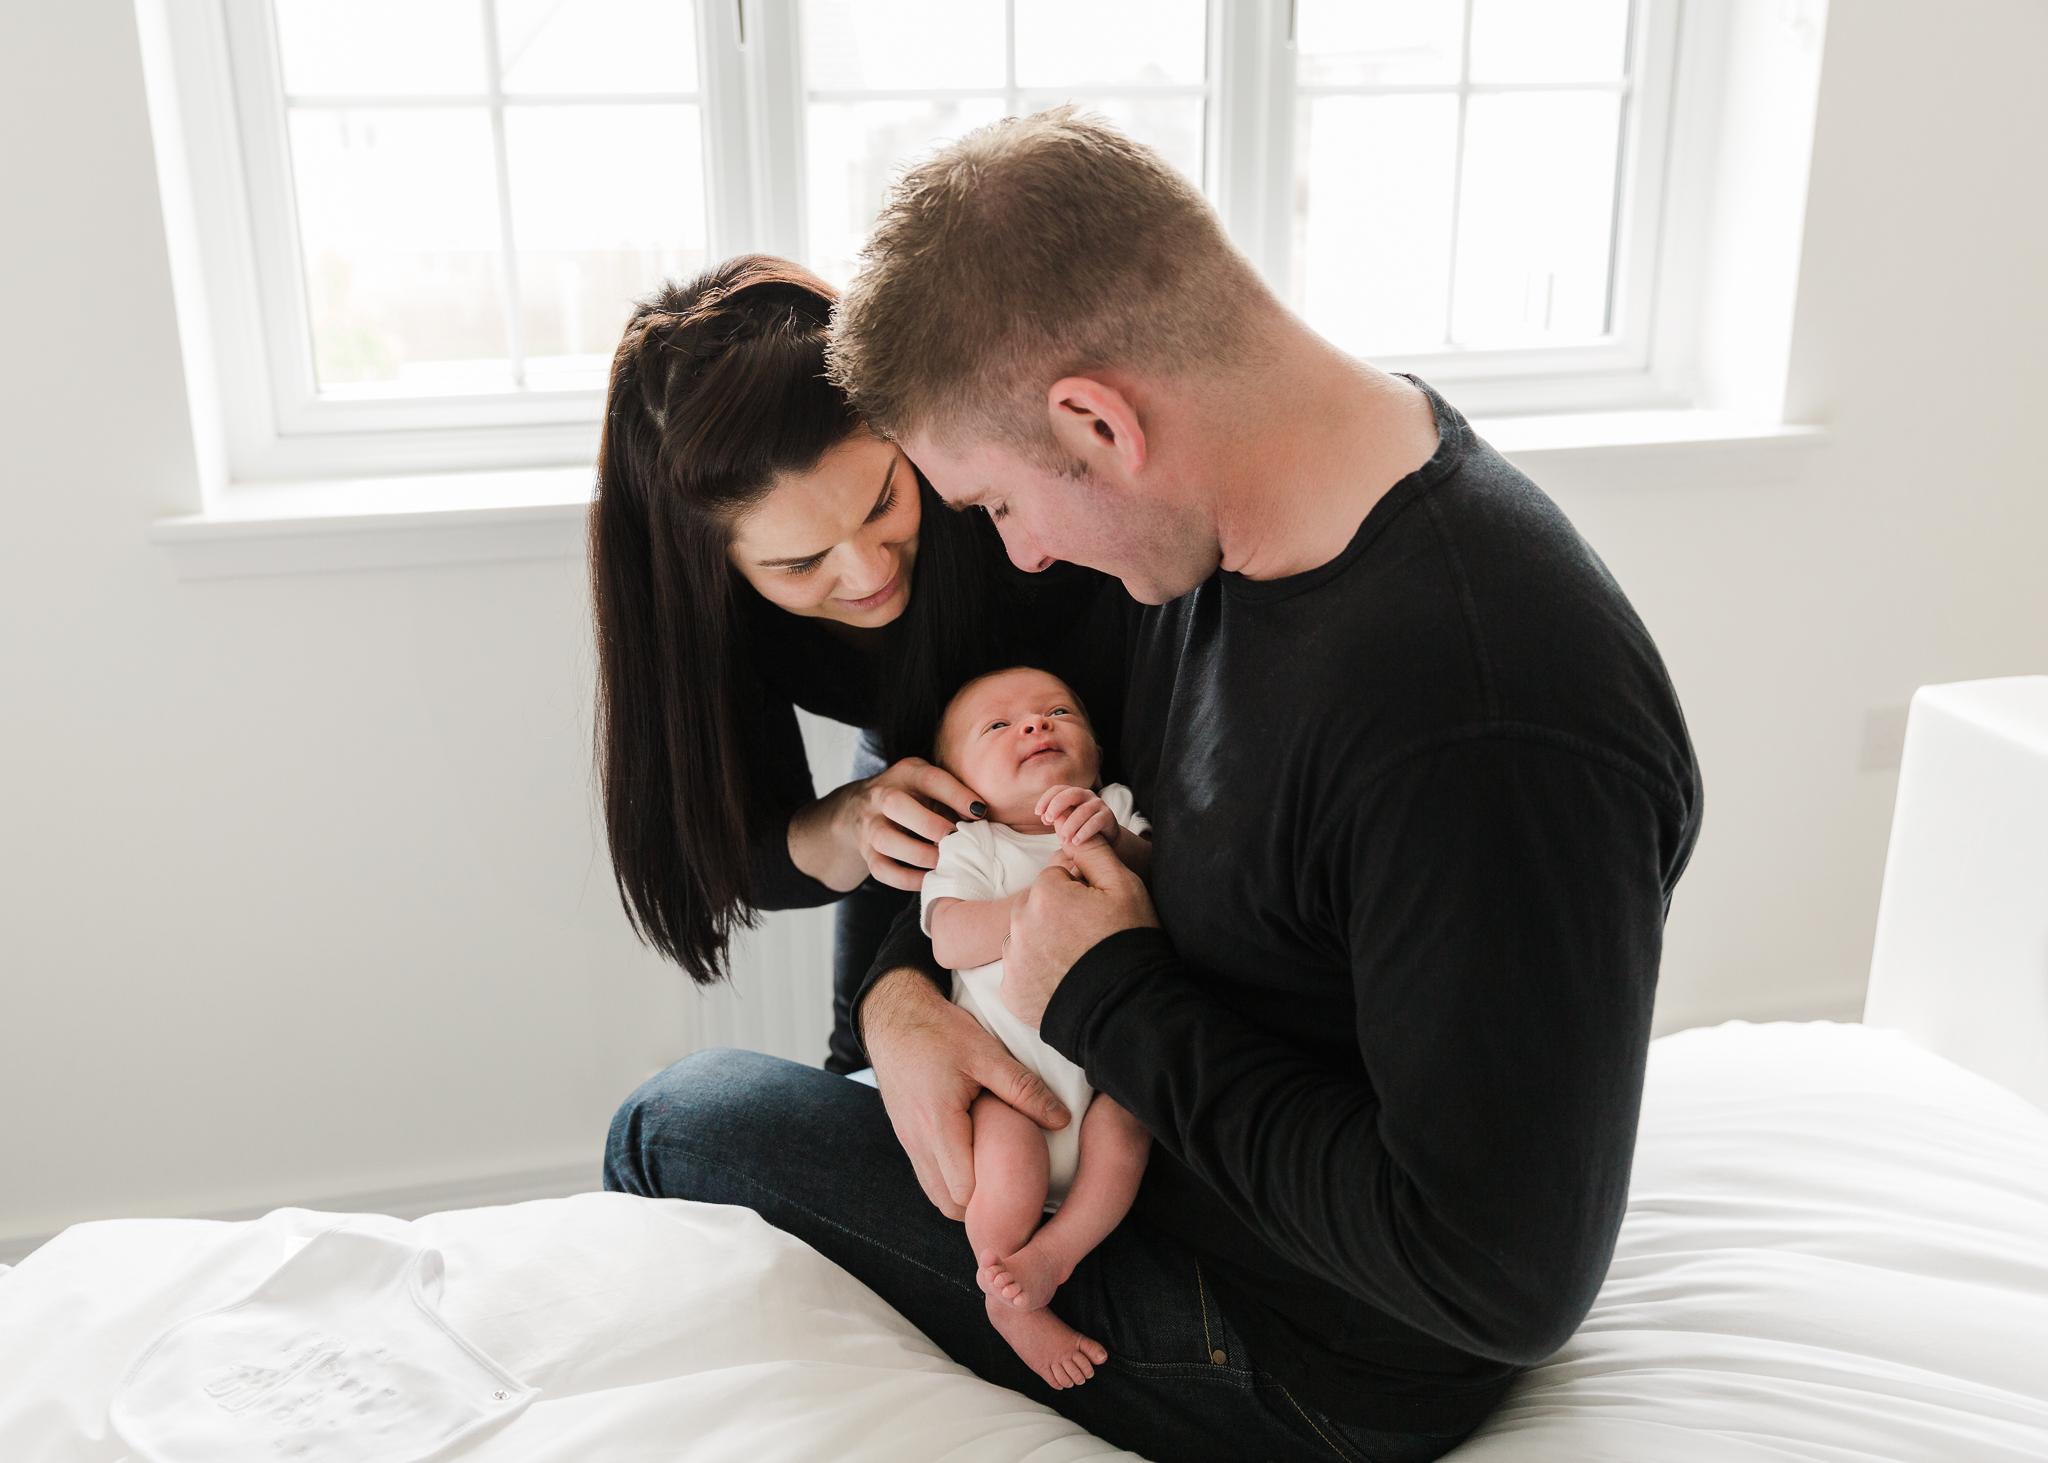 aberdeen newborn photographer at home newborn